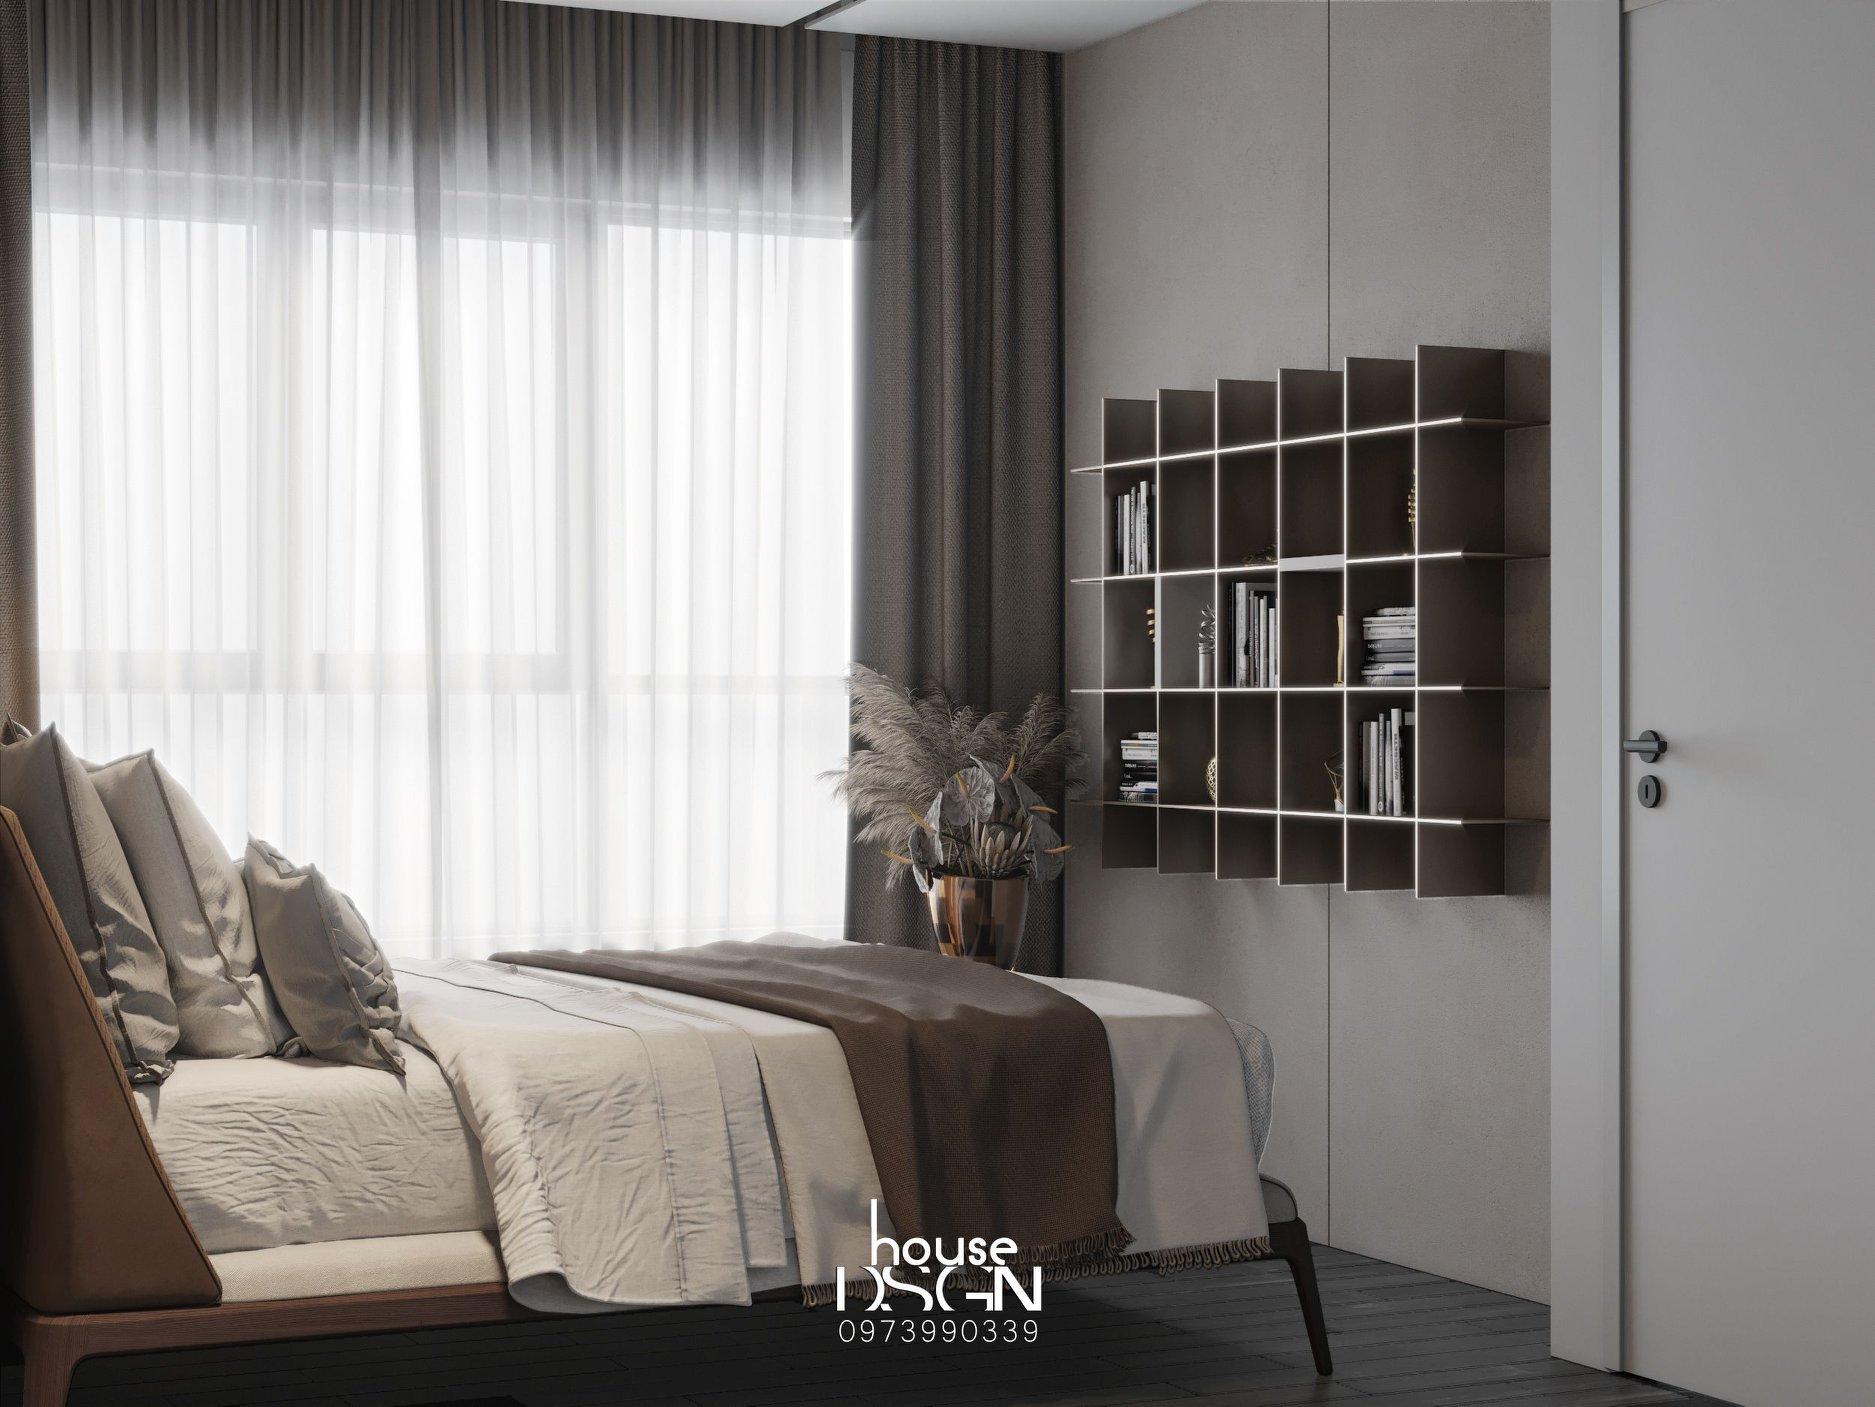 mẫu chung cư 3 phòng ngủ ấn tượng